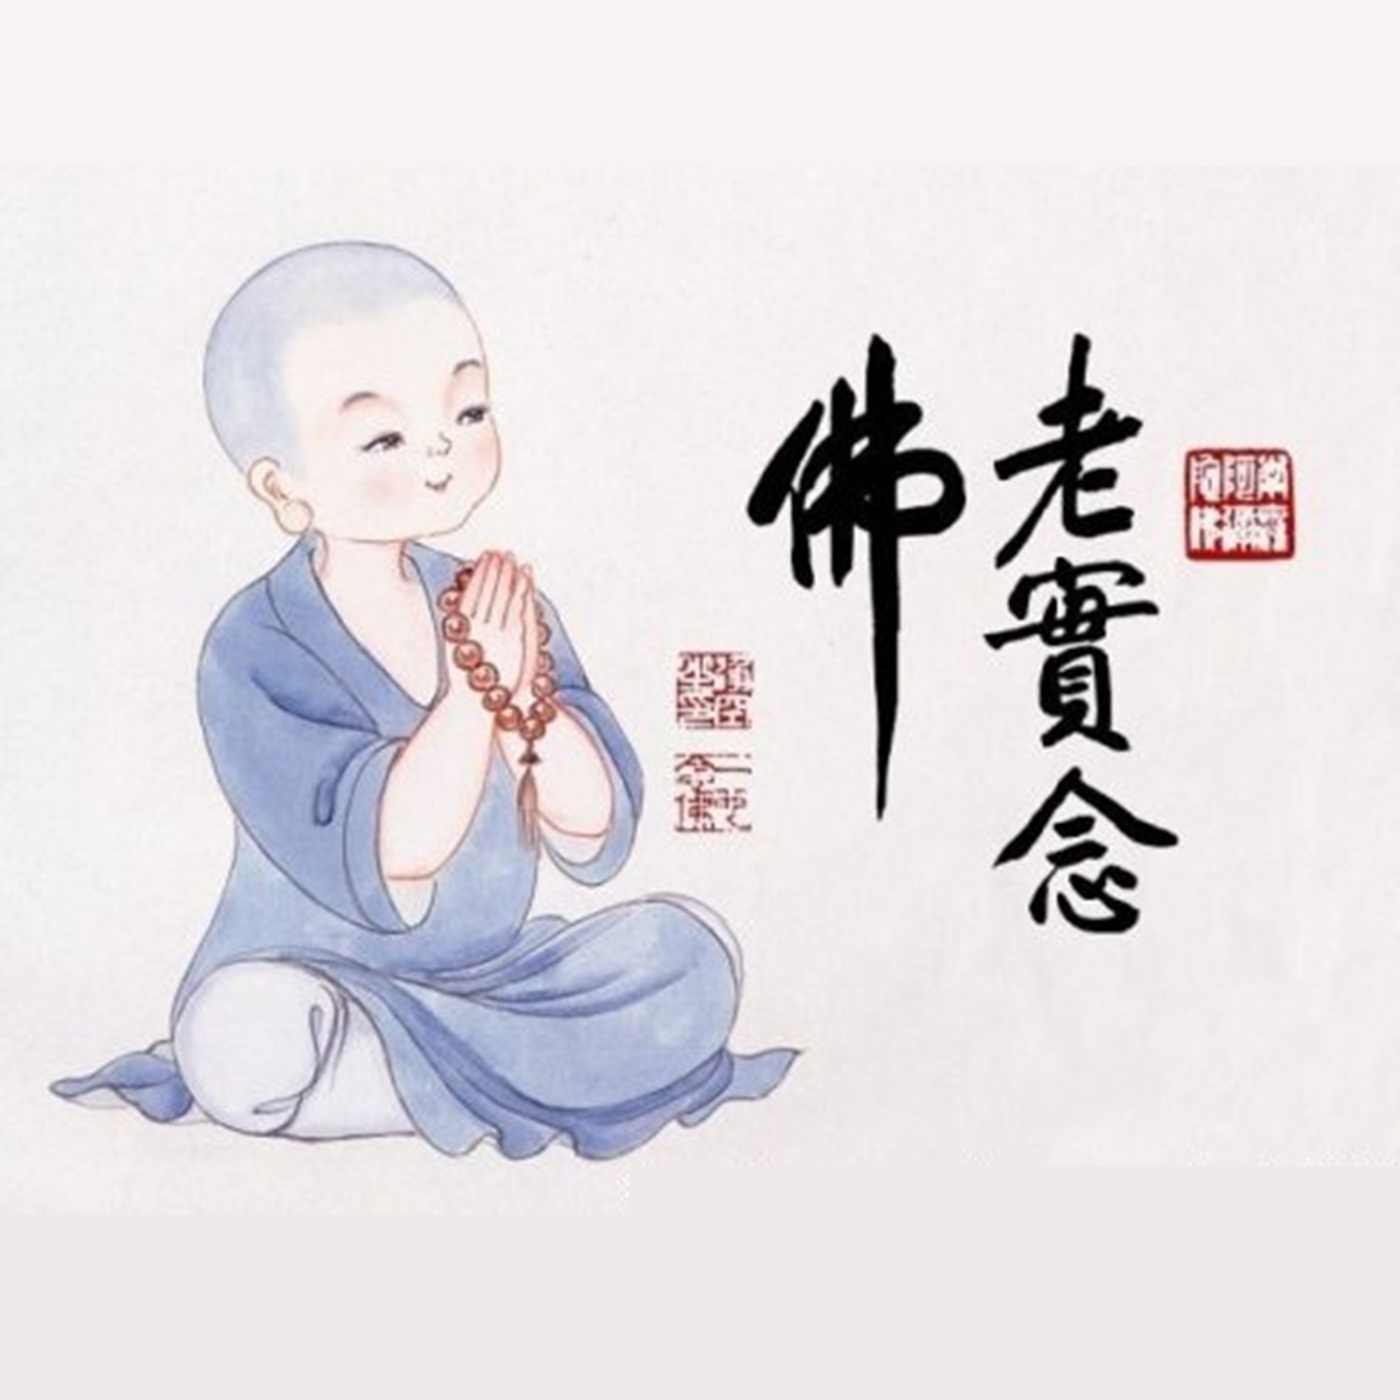 2015年9月 八关斋戒 持戒念佛 报恩佛七法会